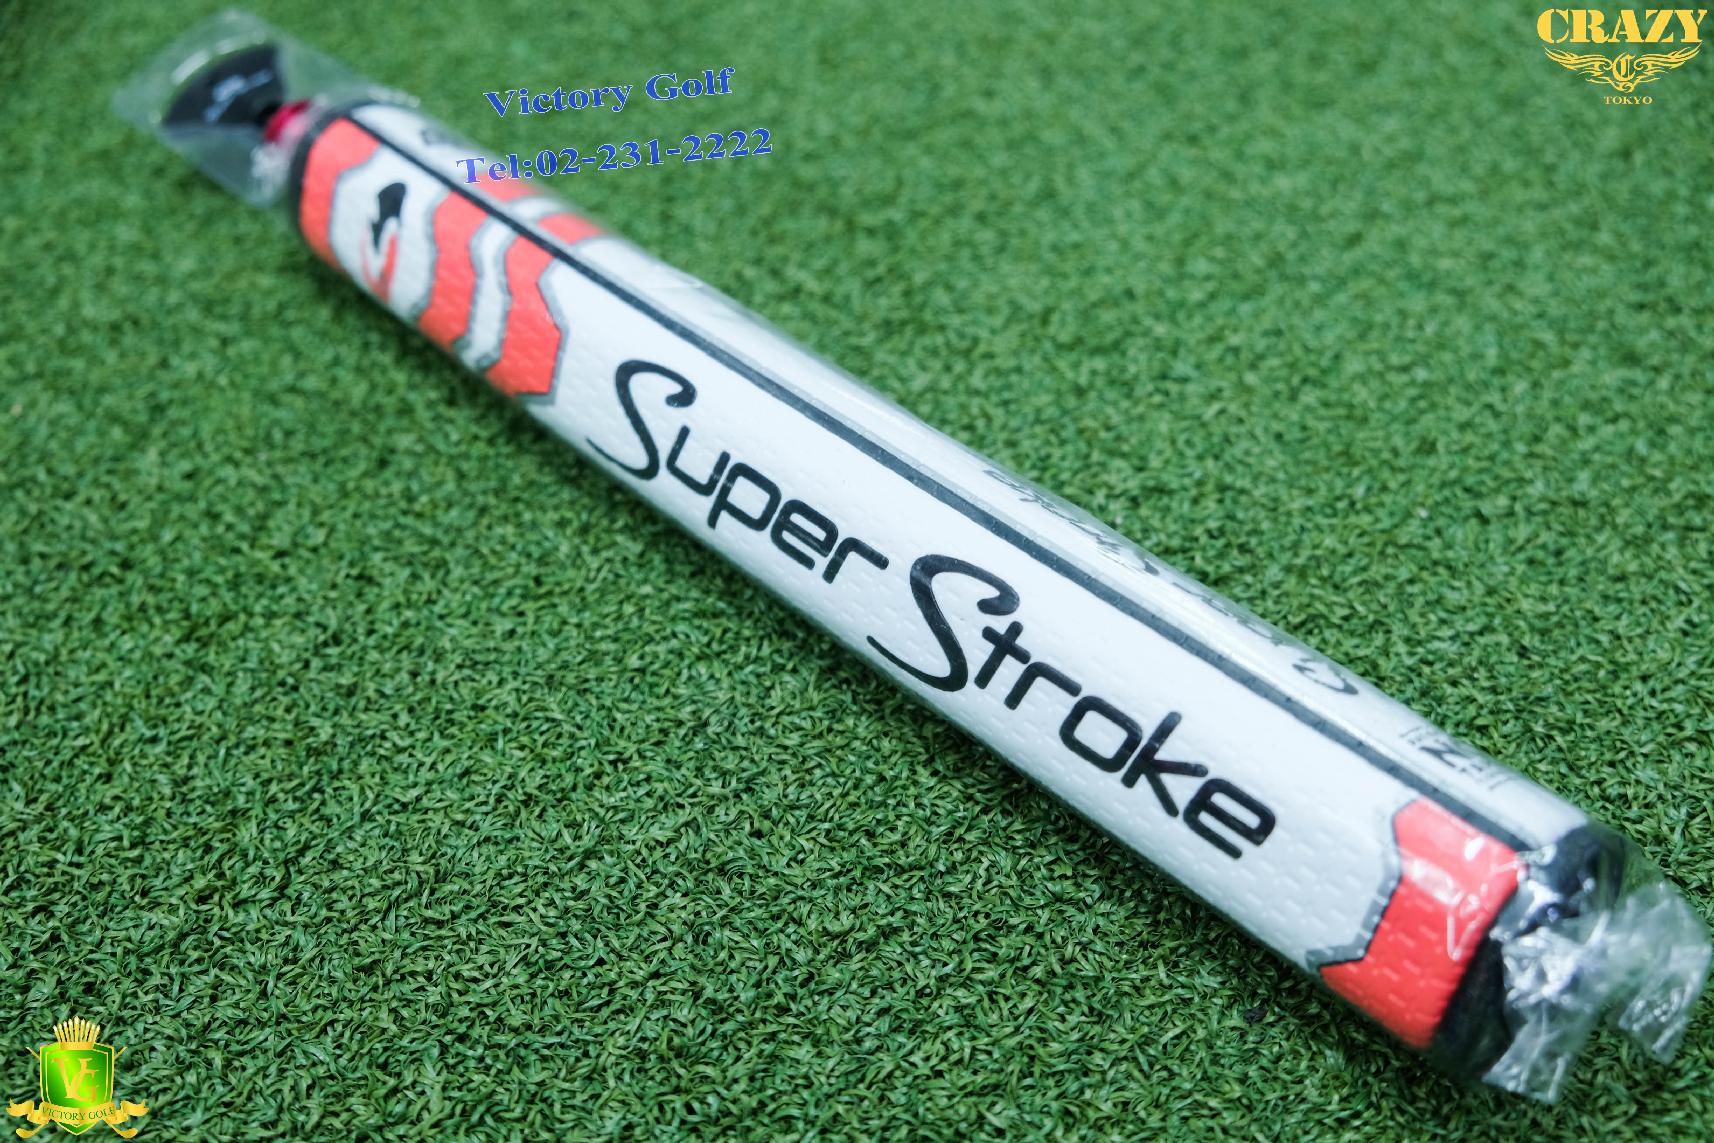 SuperStroke Slim 3.0 Putter Grip